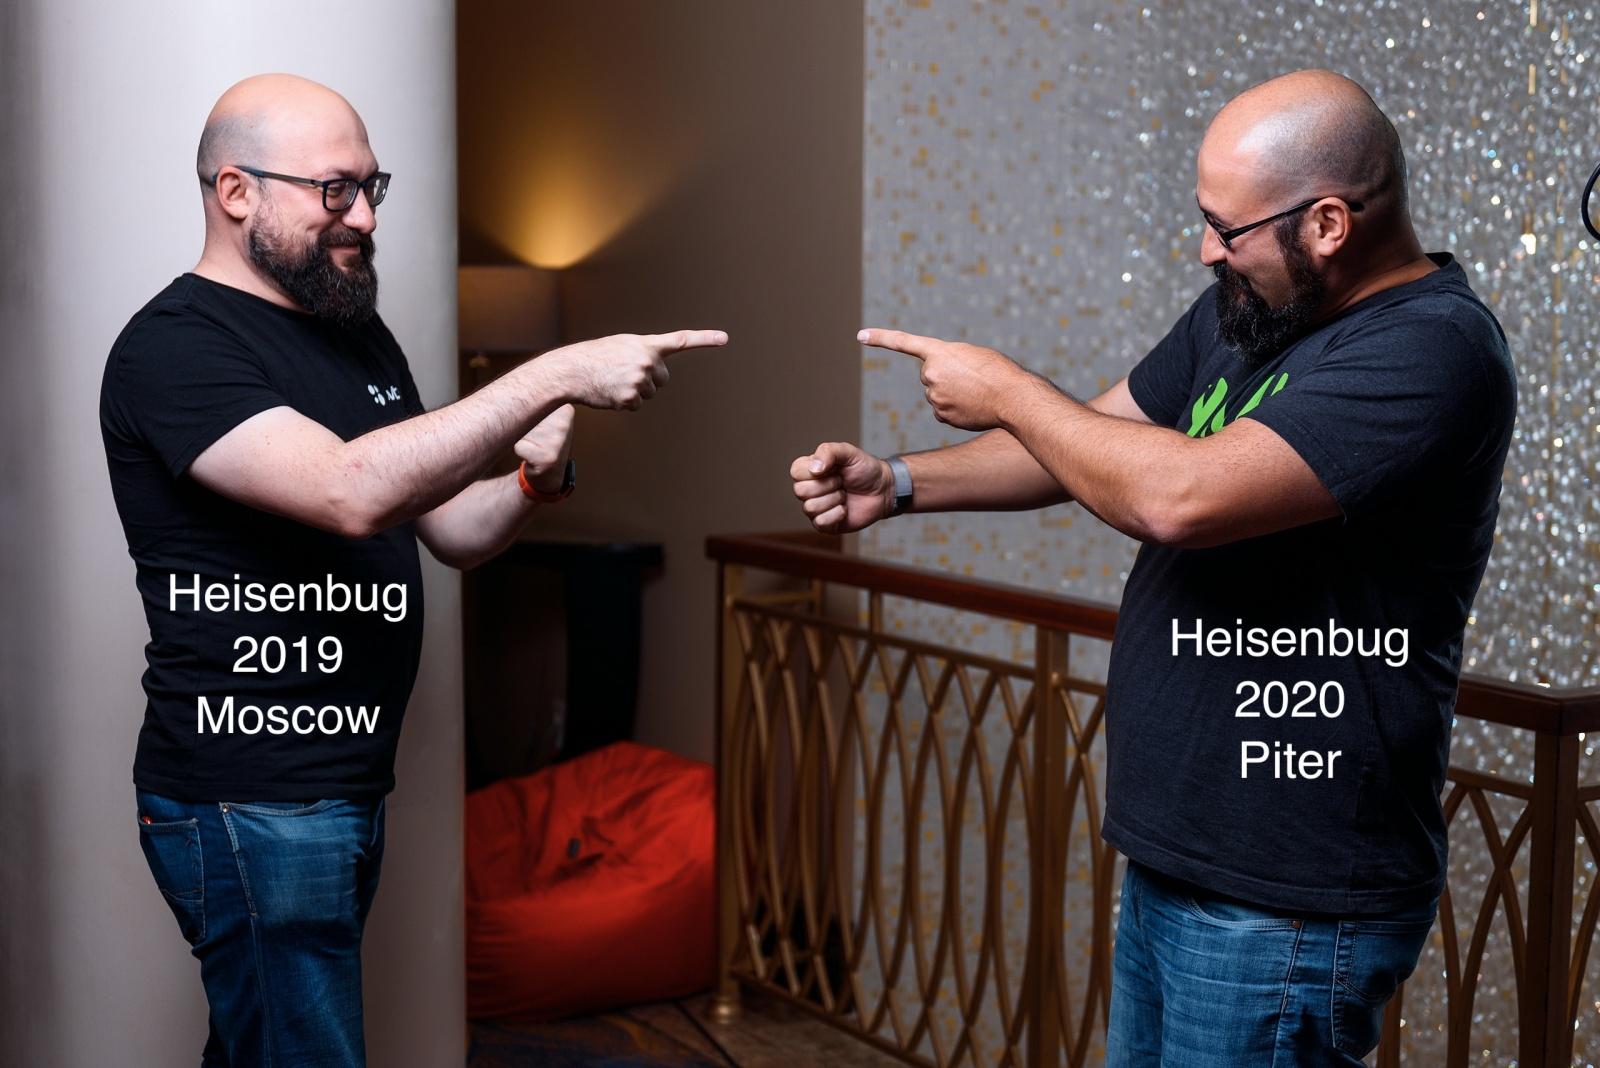 AI против тестировщиков, Брандашмыг, уточки: как прошёл Heisenbug 2019 Moscow - 1